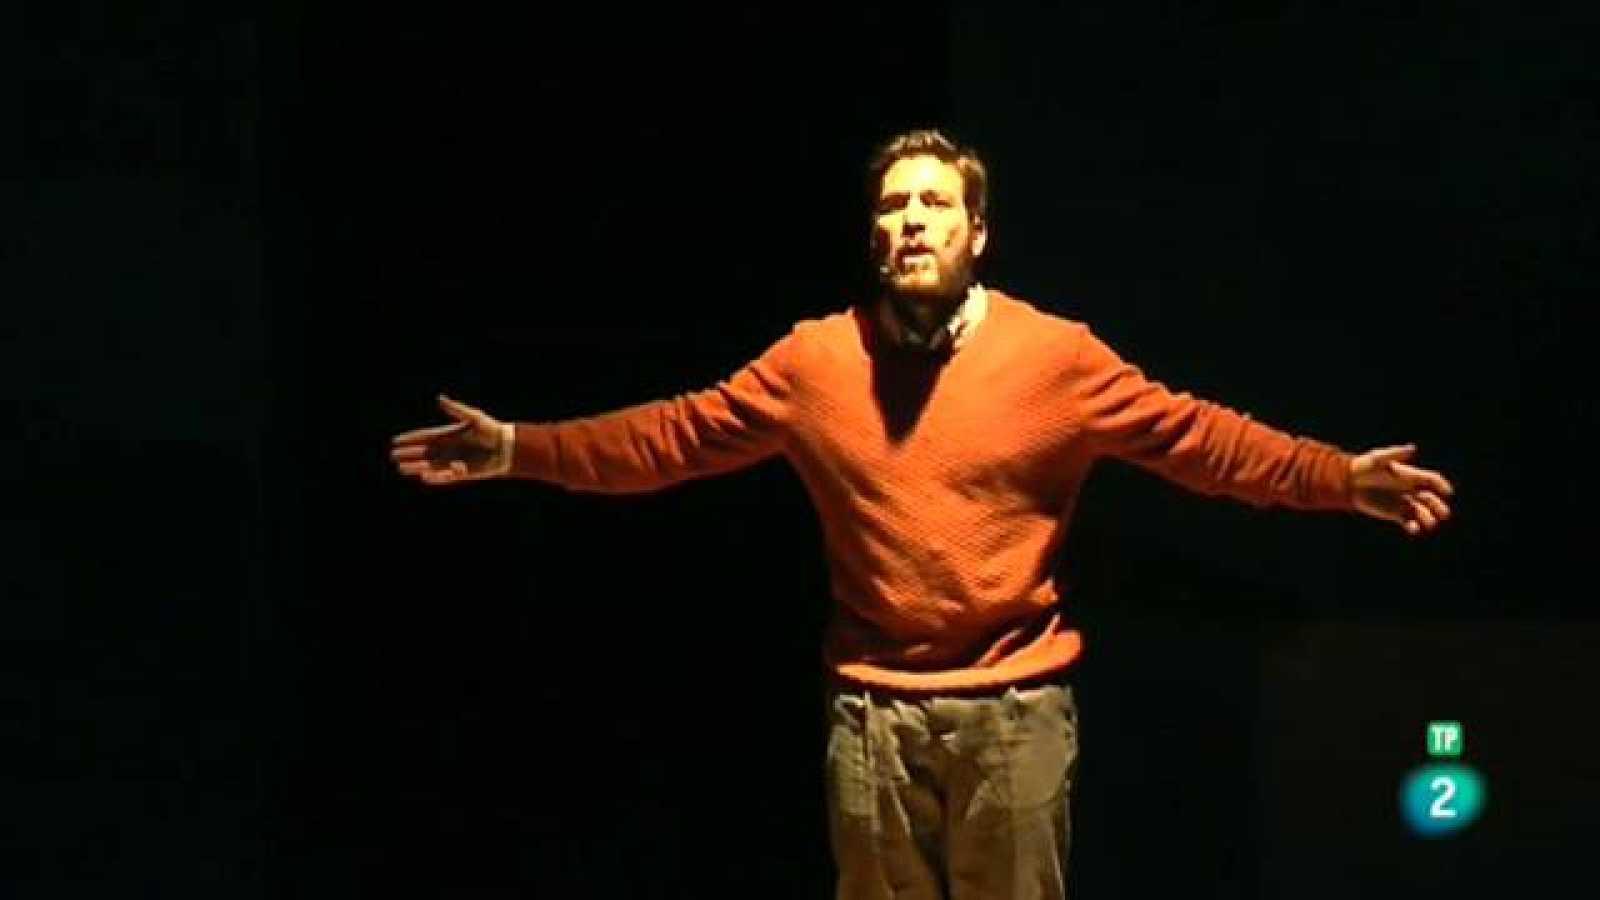 Atención Obras - José Martret dirige 'El hombre duplicado' de Saramago